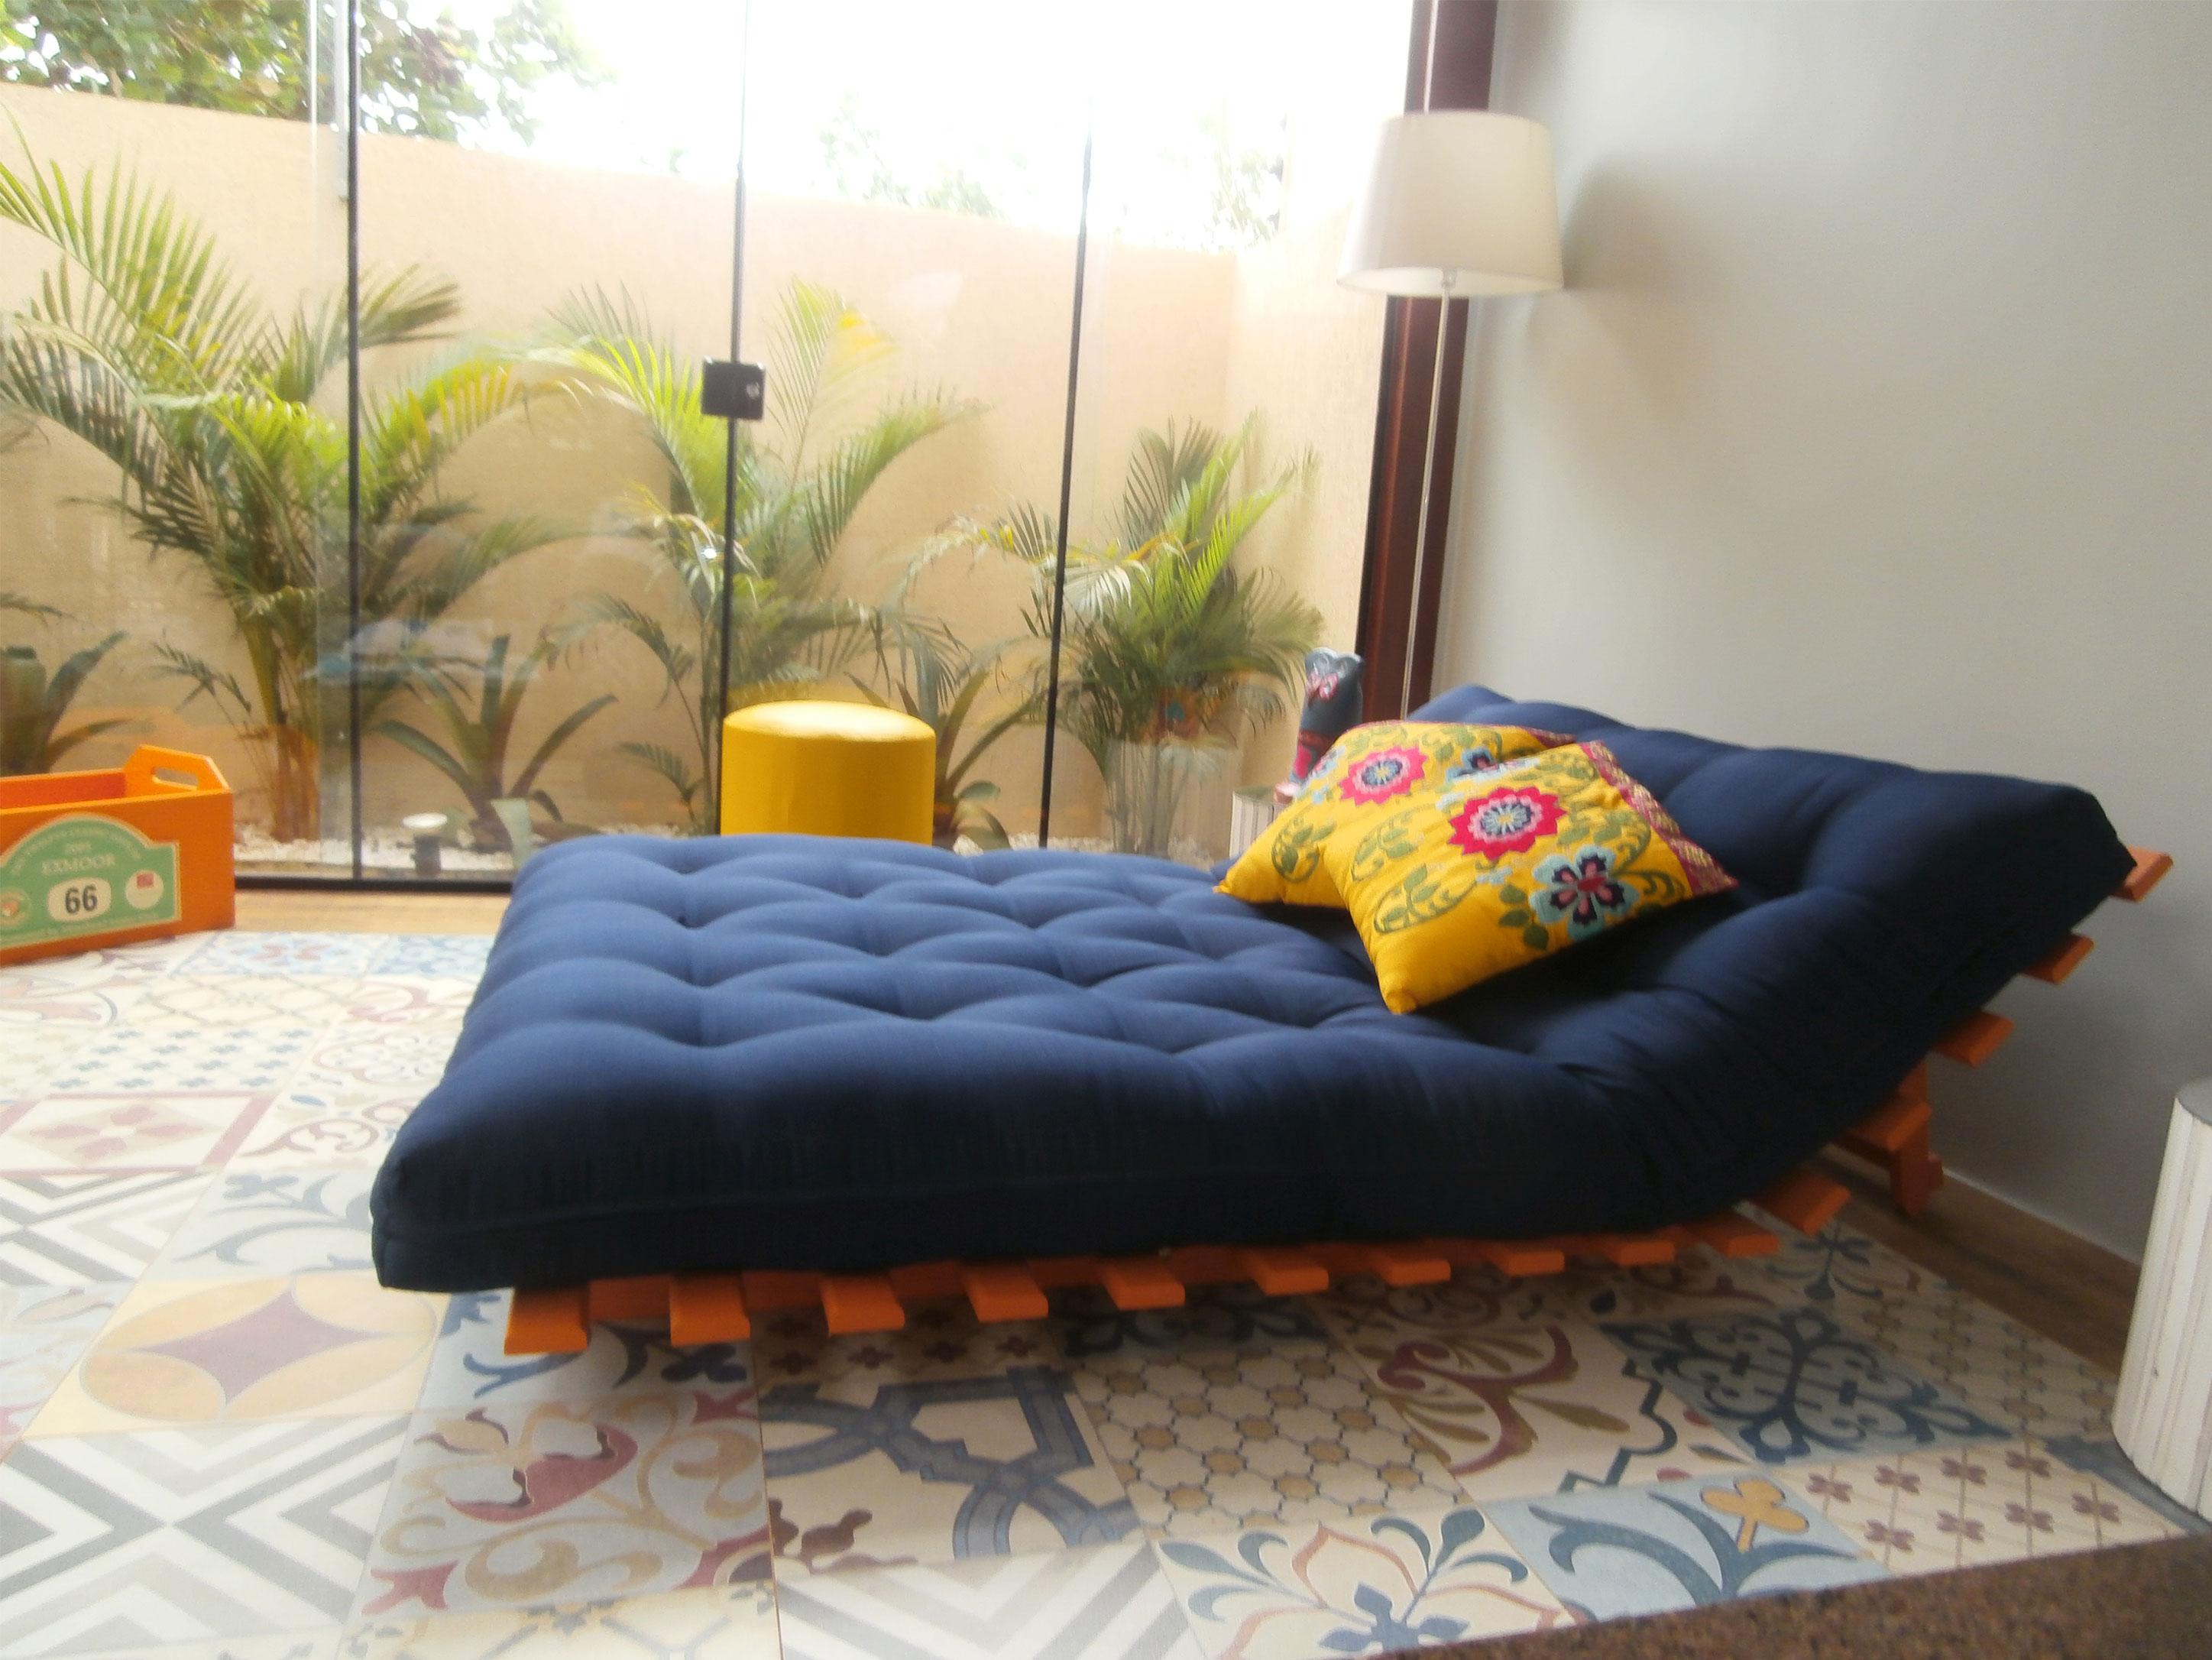 Sofá-cama S casal ( chaise)